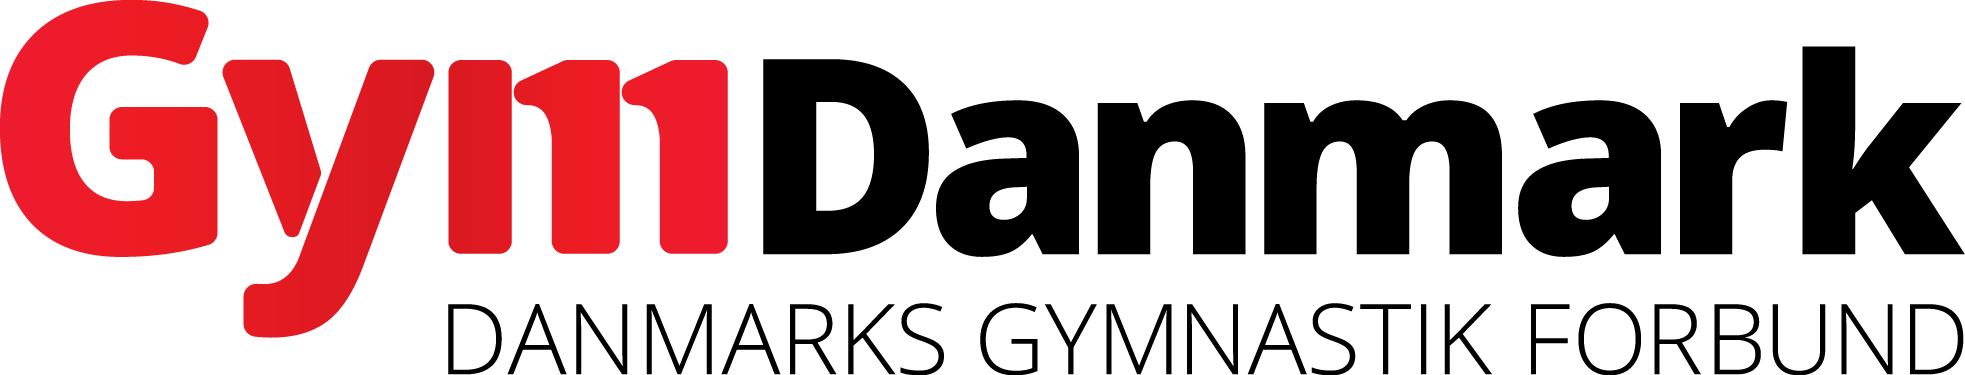 GymDanmark